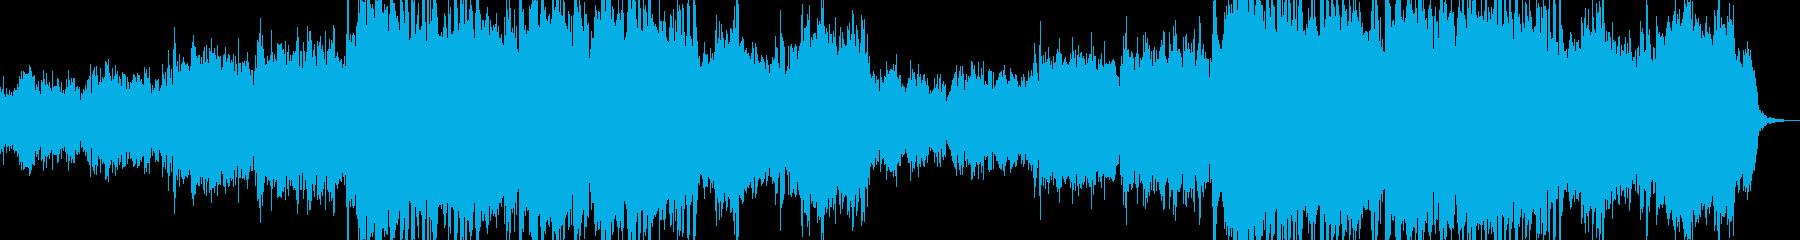 夢と希望の明るい曲(CM・VLOG)の再生済みの波形